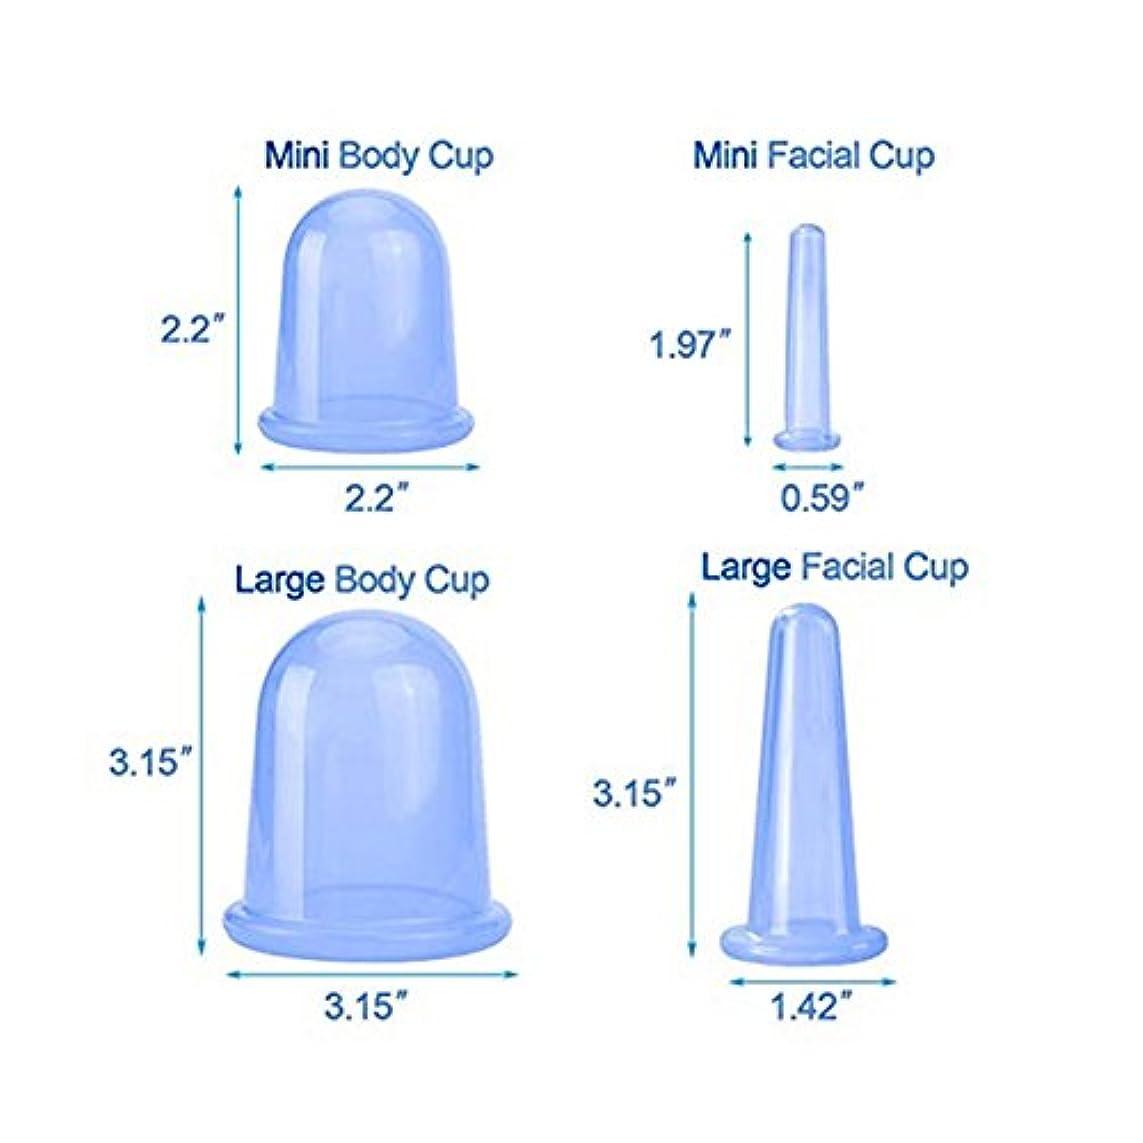 魂ヘビー数学マッサージカップ シリコーン 抗セルライトカッピング セラピーボディ&フェイシャルマッサージ用 バキューム マッサージカップセット セルライト治療、 中国式カッピングキット 1セット(4PCS)